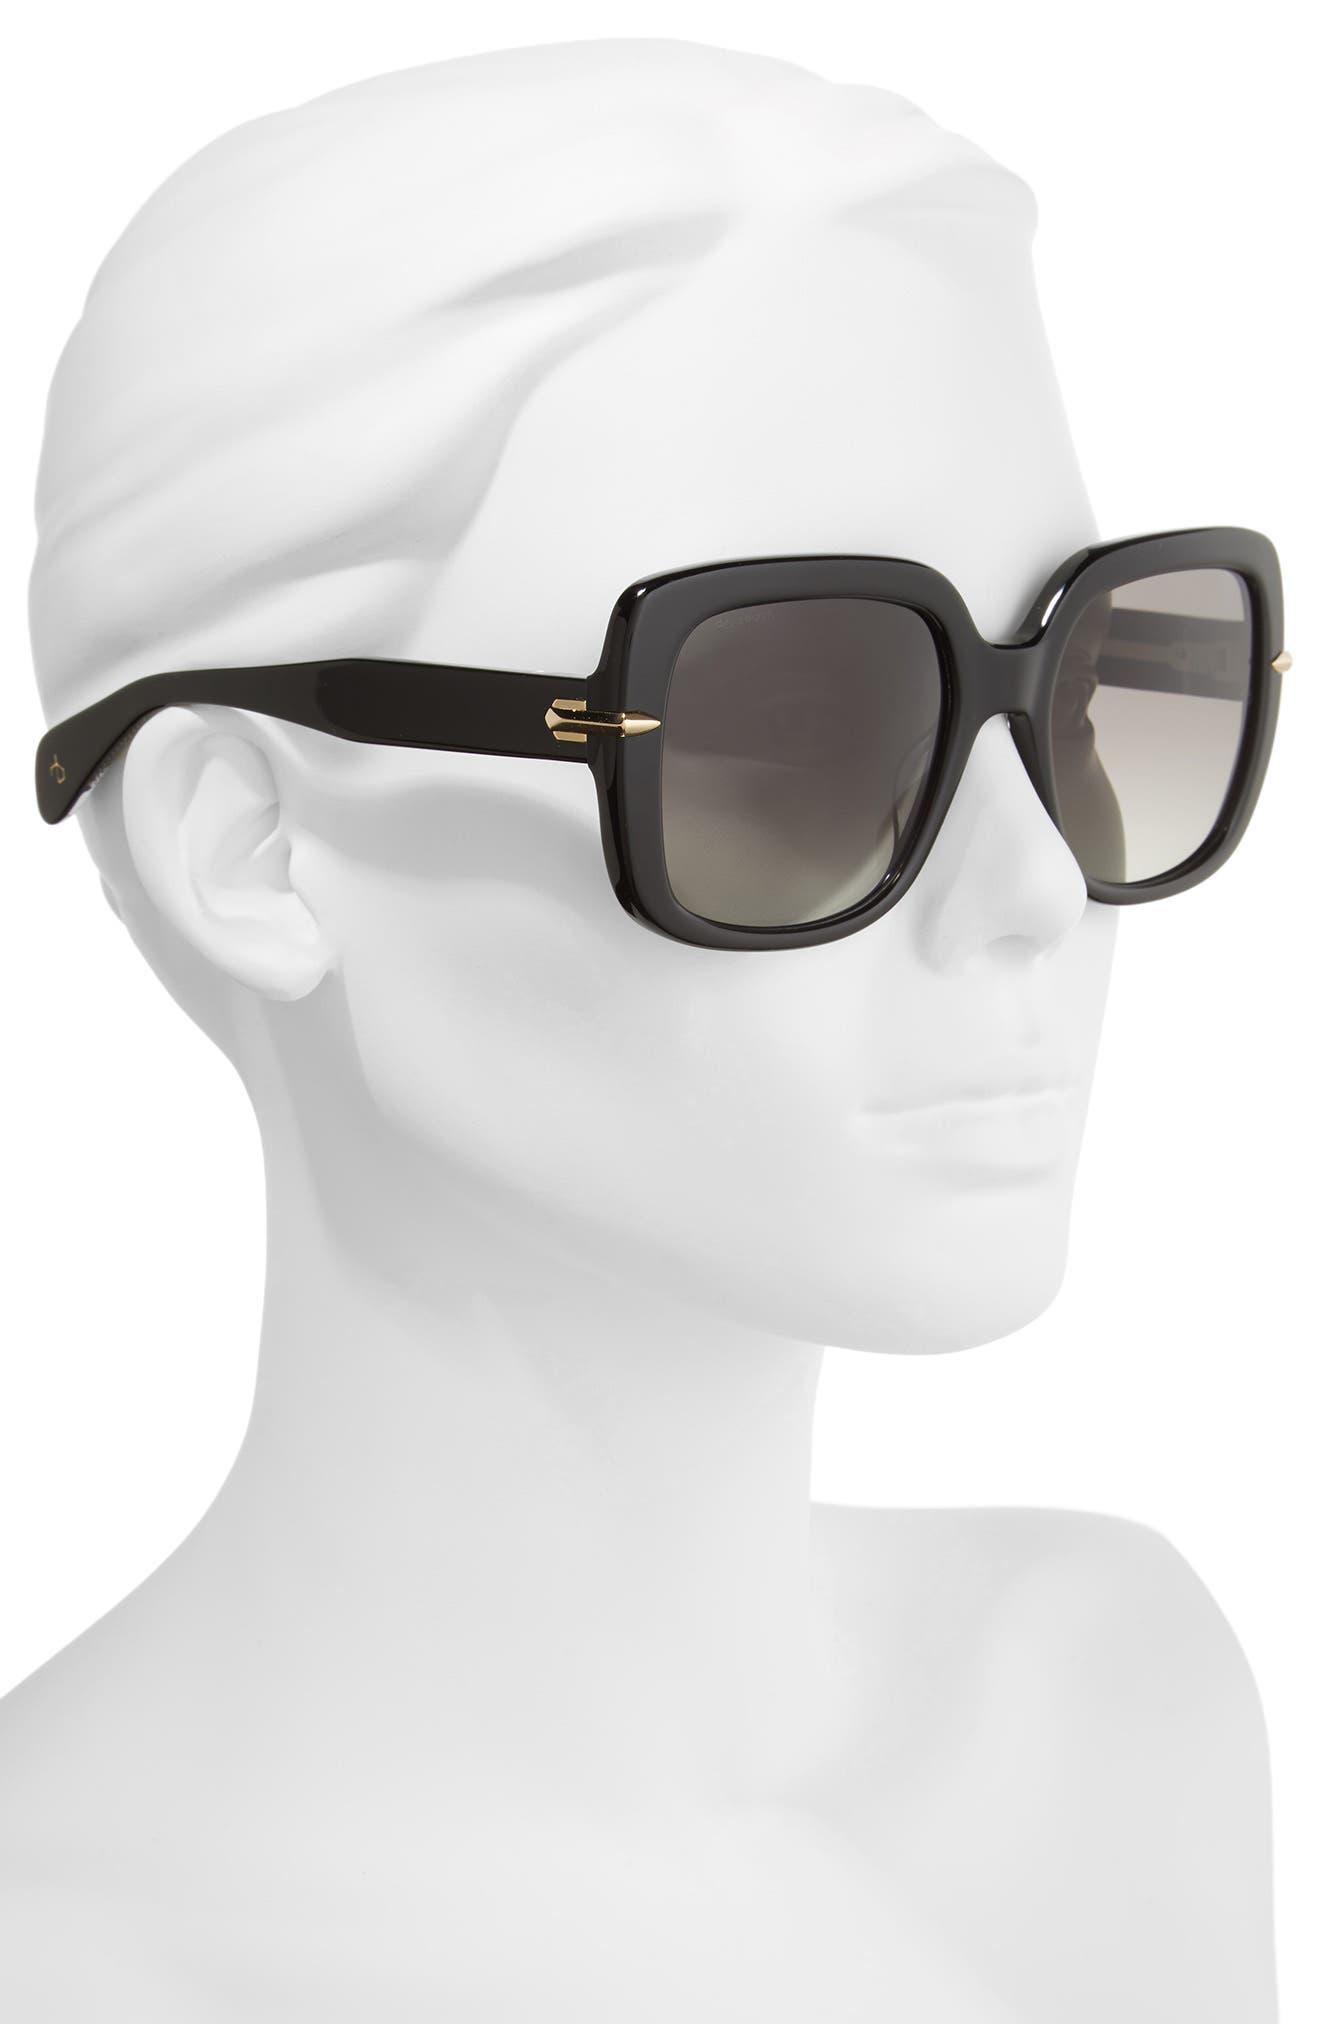 56mm Square Polarized Sunglasses,                             Alternate thumbnail 2, color,                             001